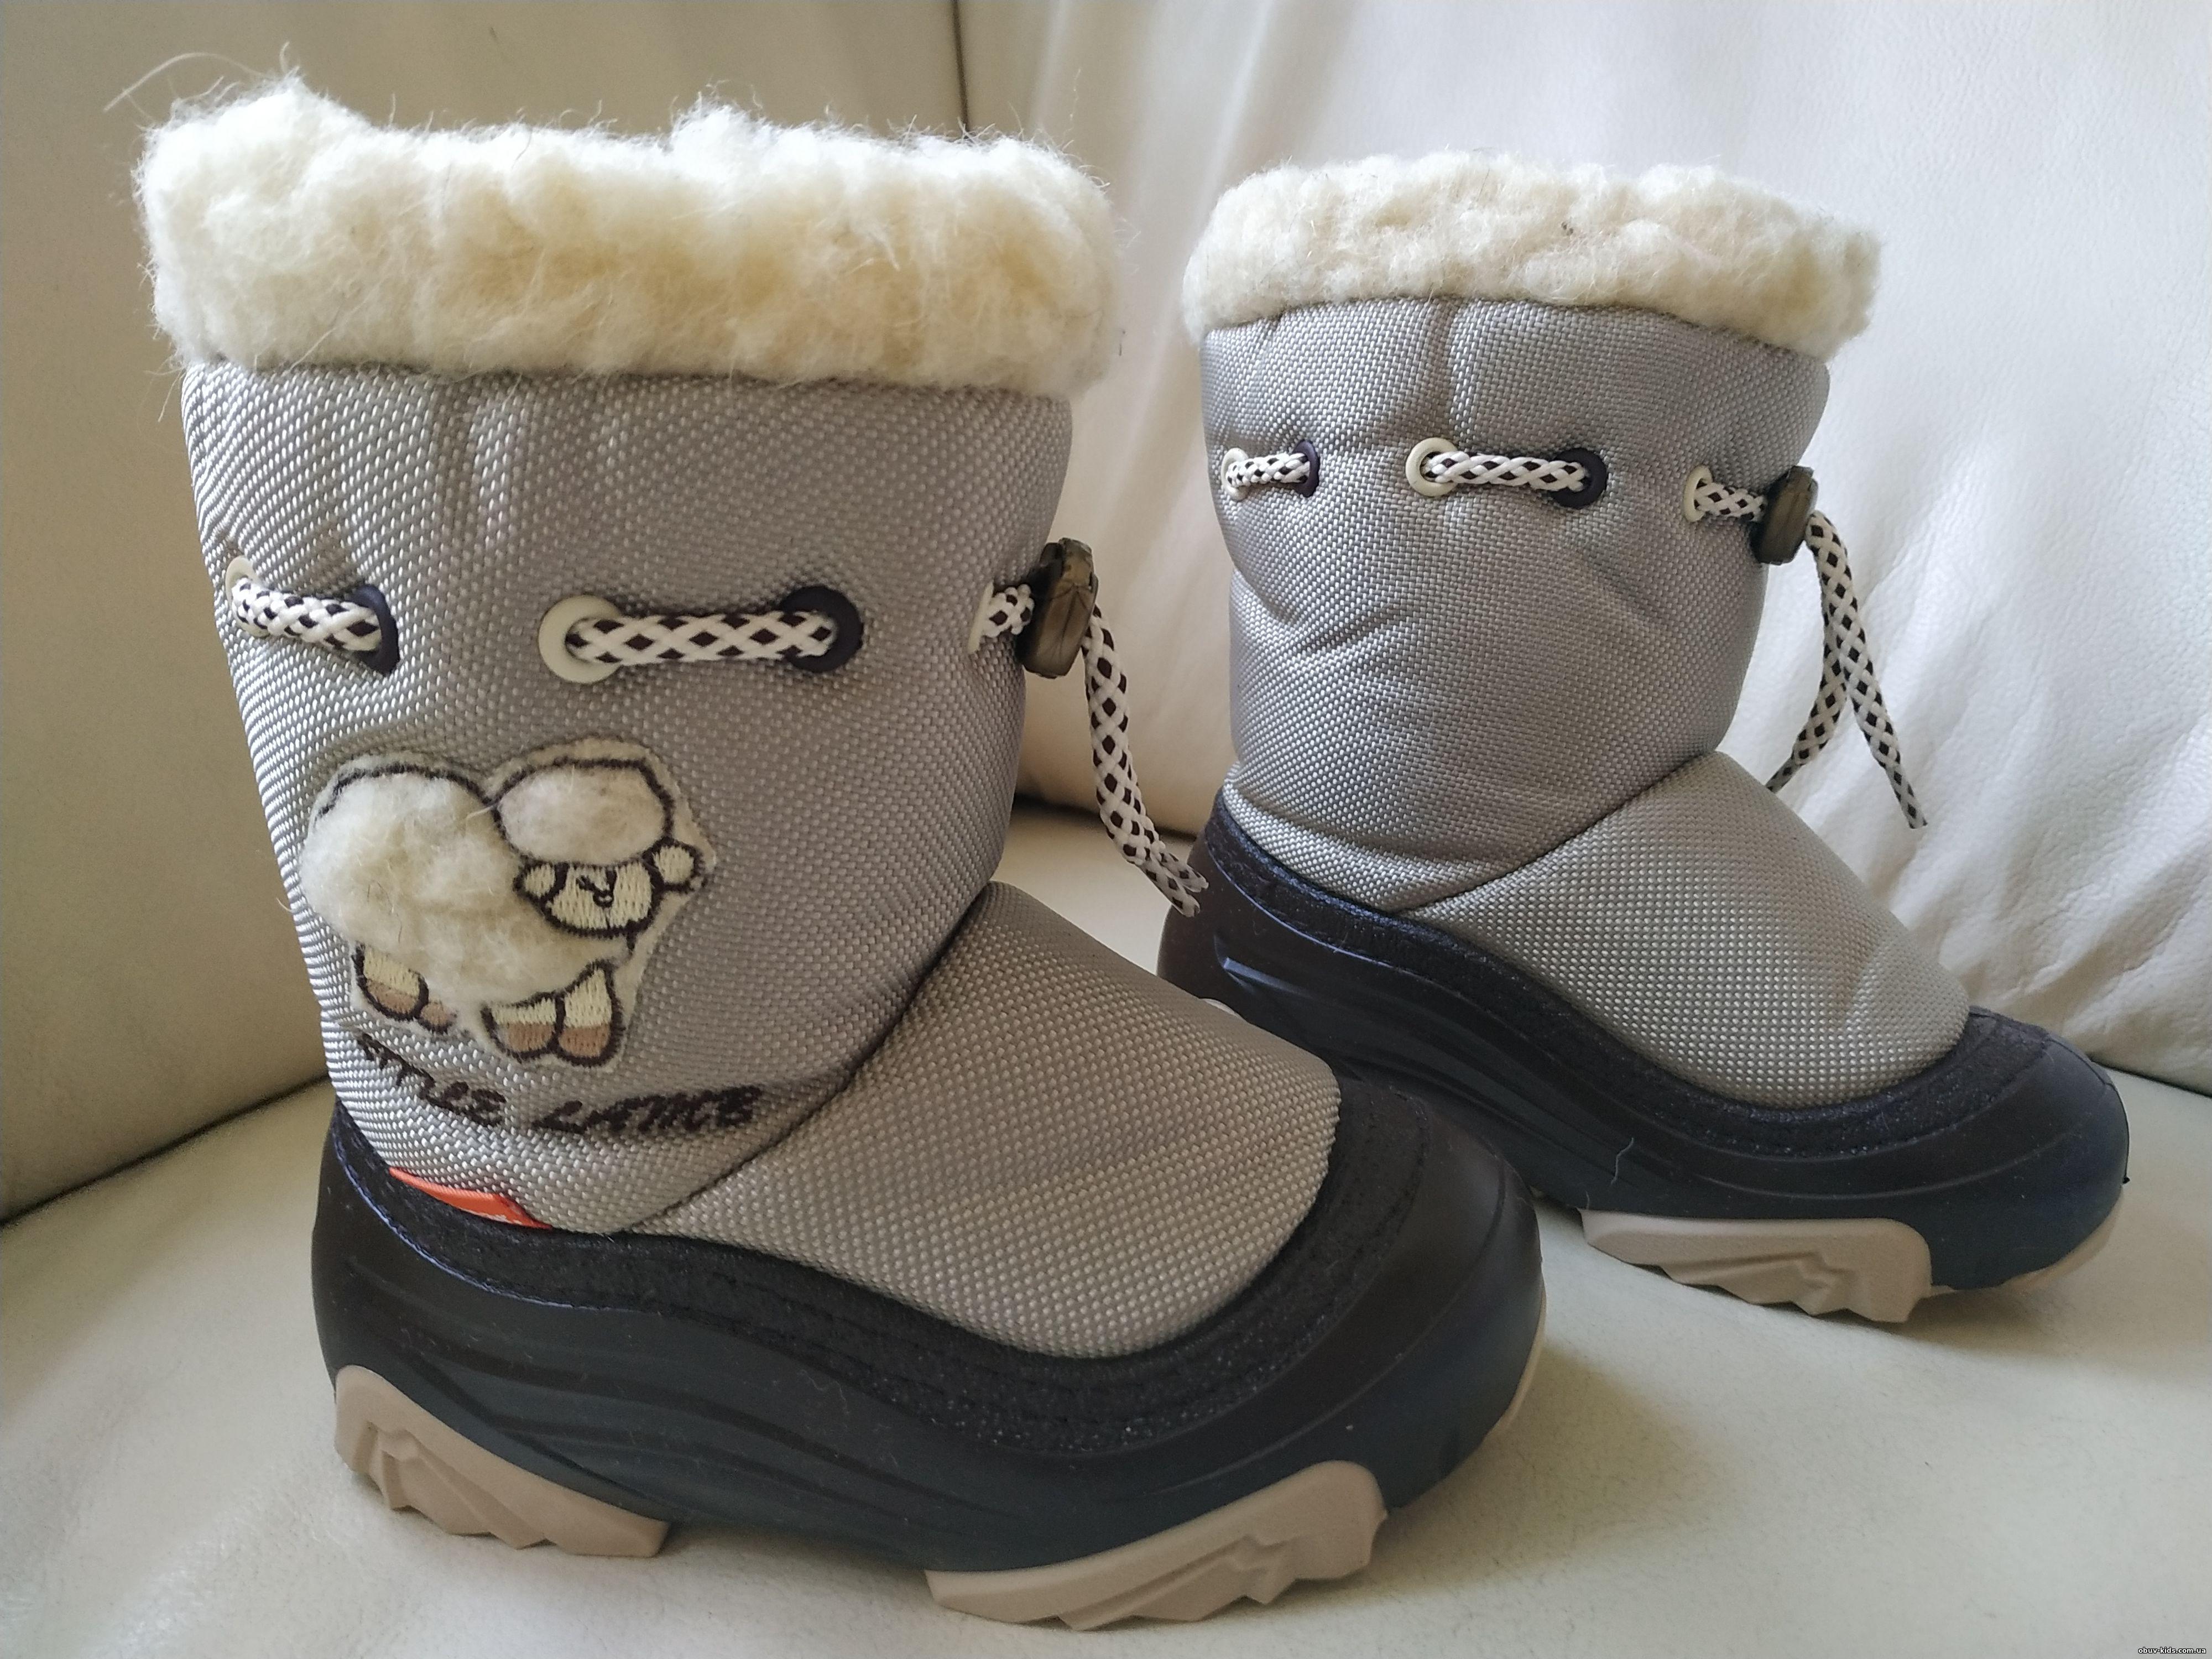 Зимние детские сапоги, дутики-Демары, сноубутсы, ботинки Демар